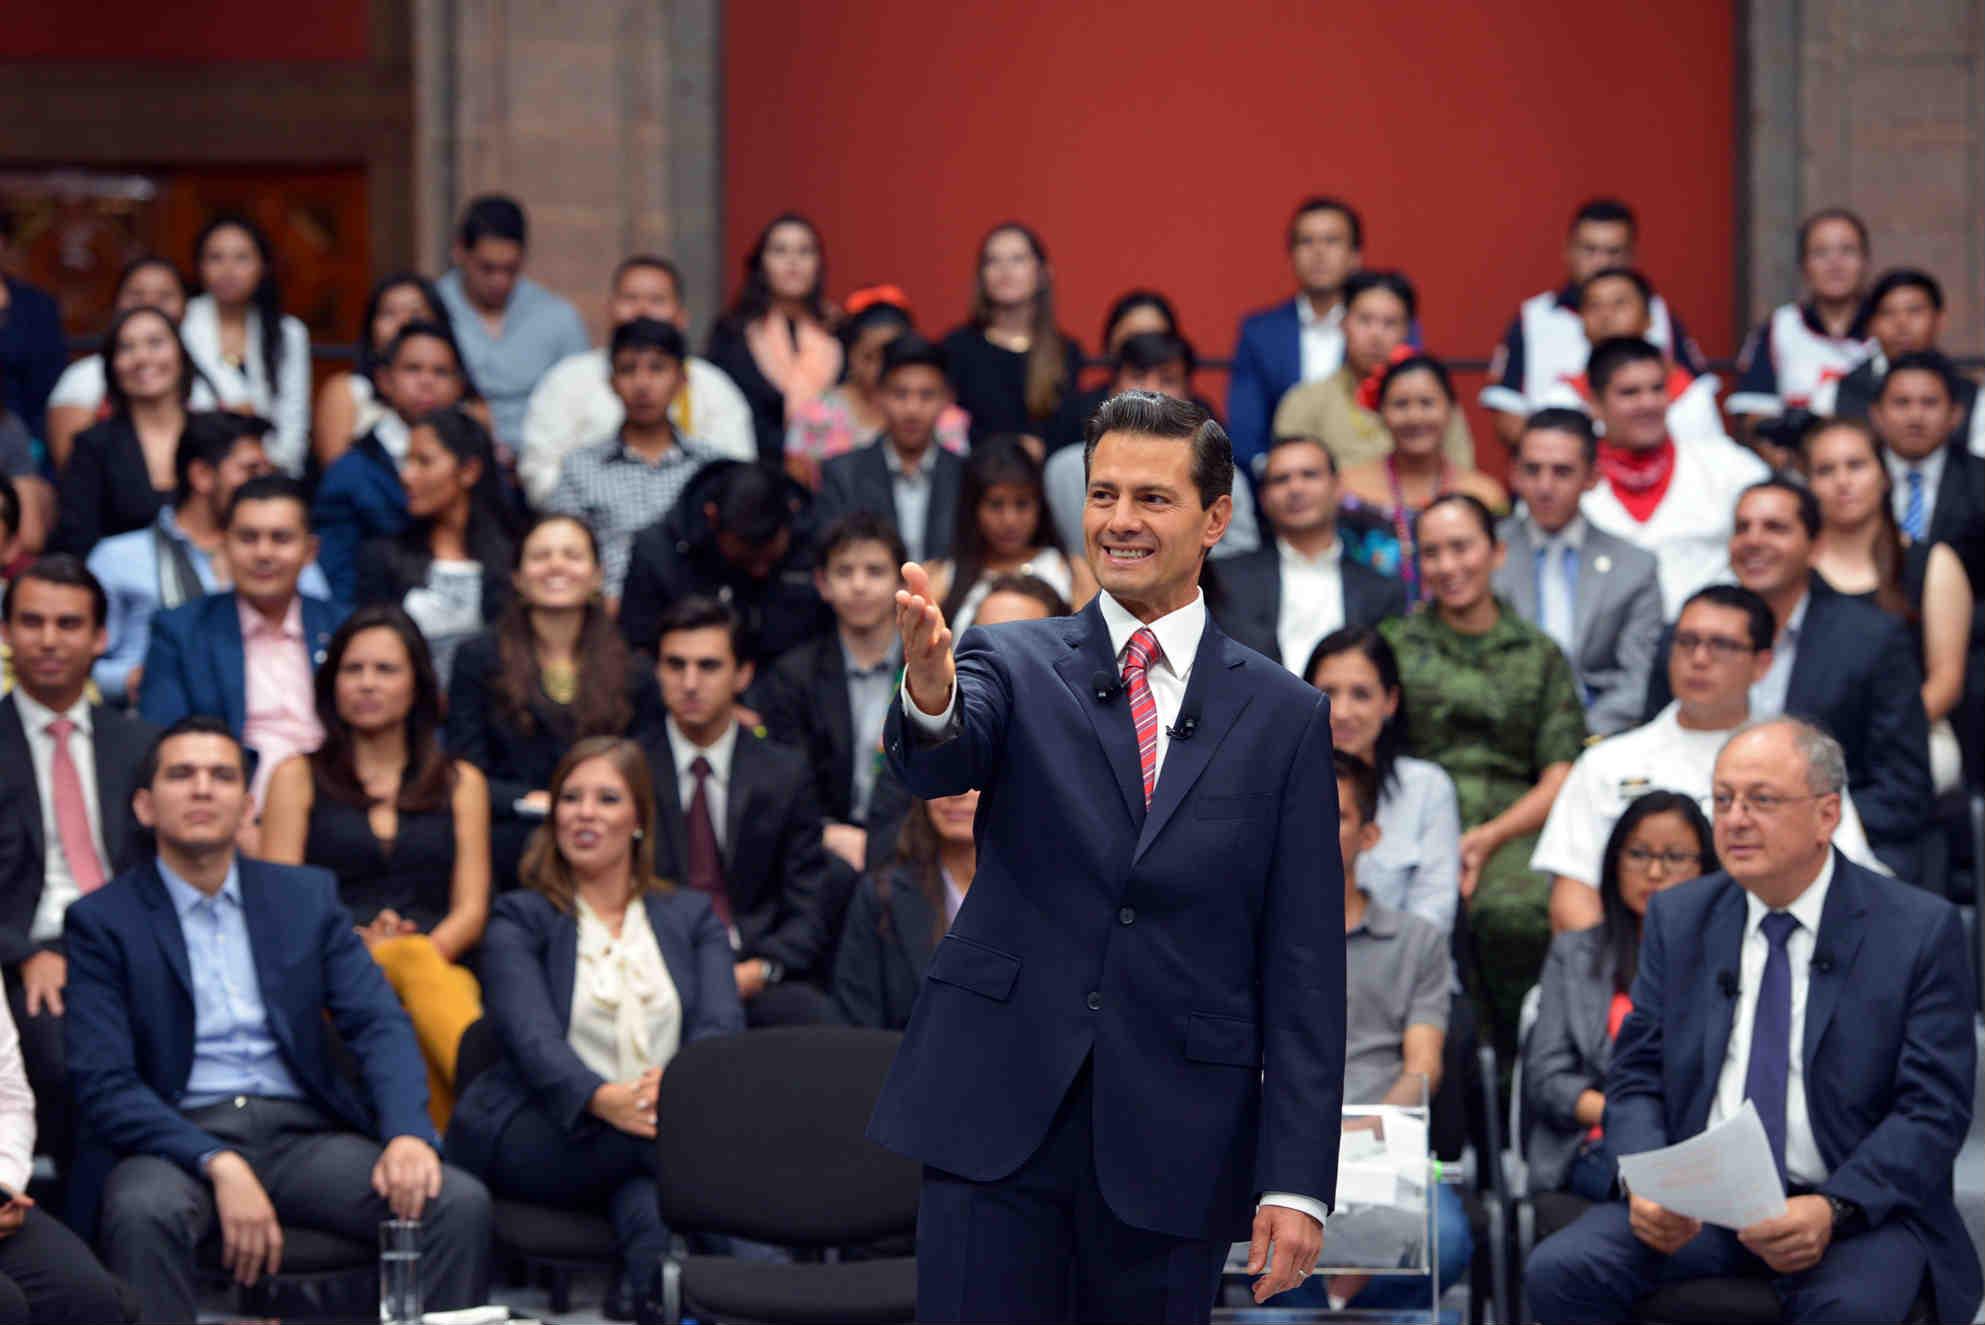 ¿Por qué emprender sin jefe y trabajar 4 días a la semana? • Forbes México